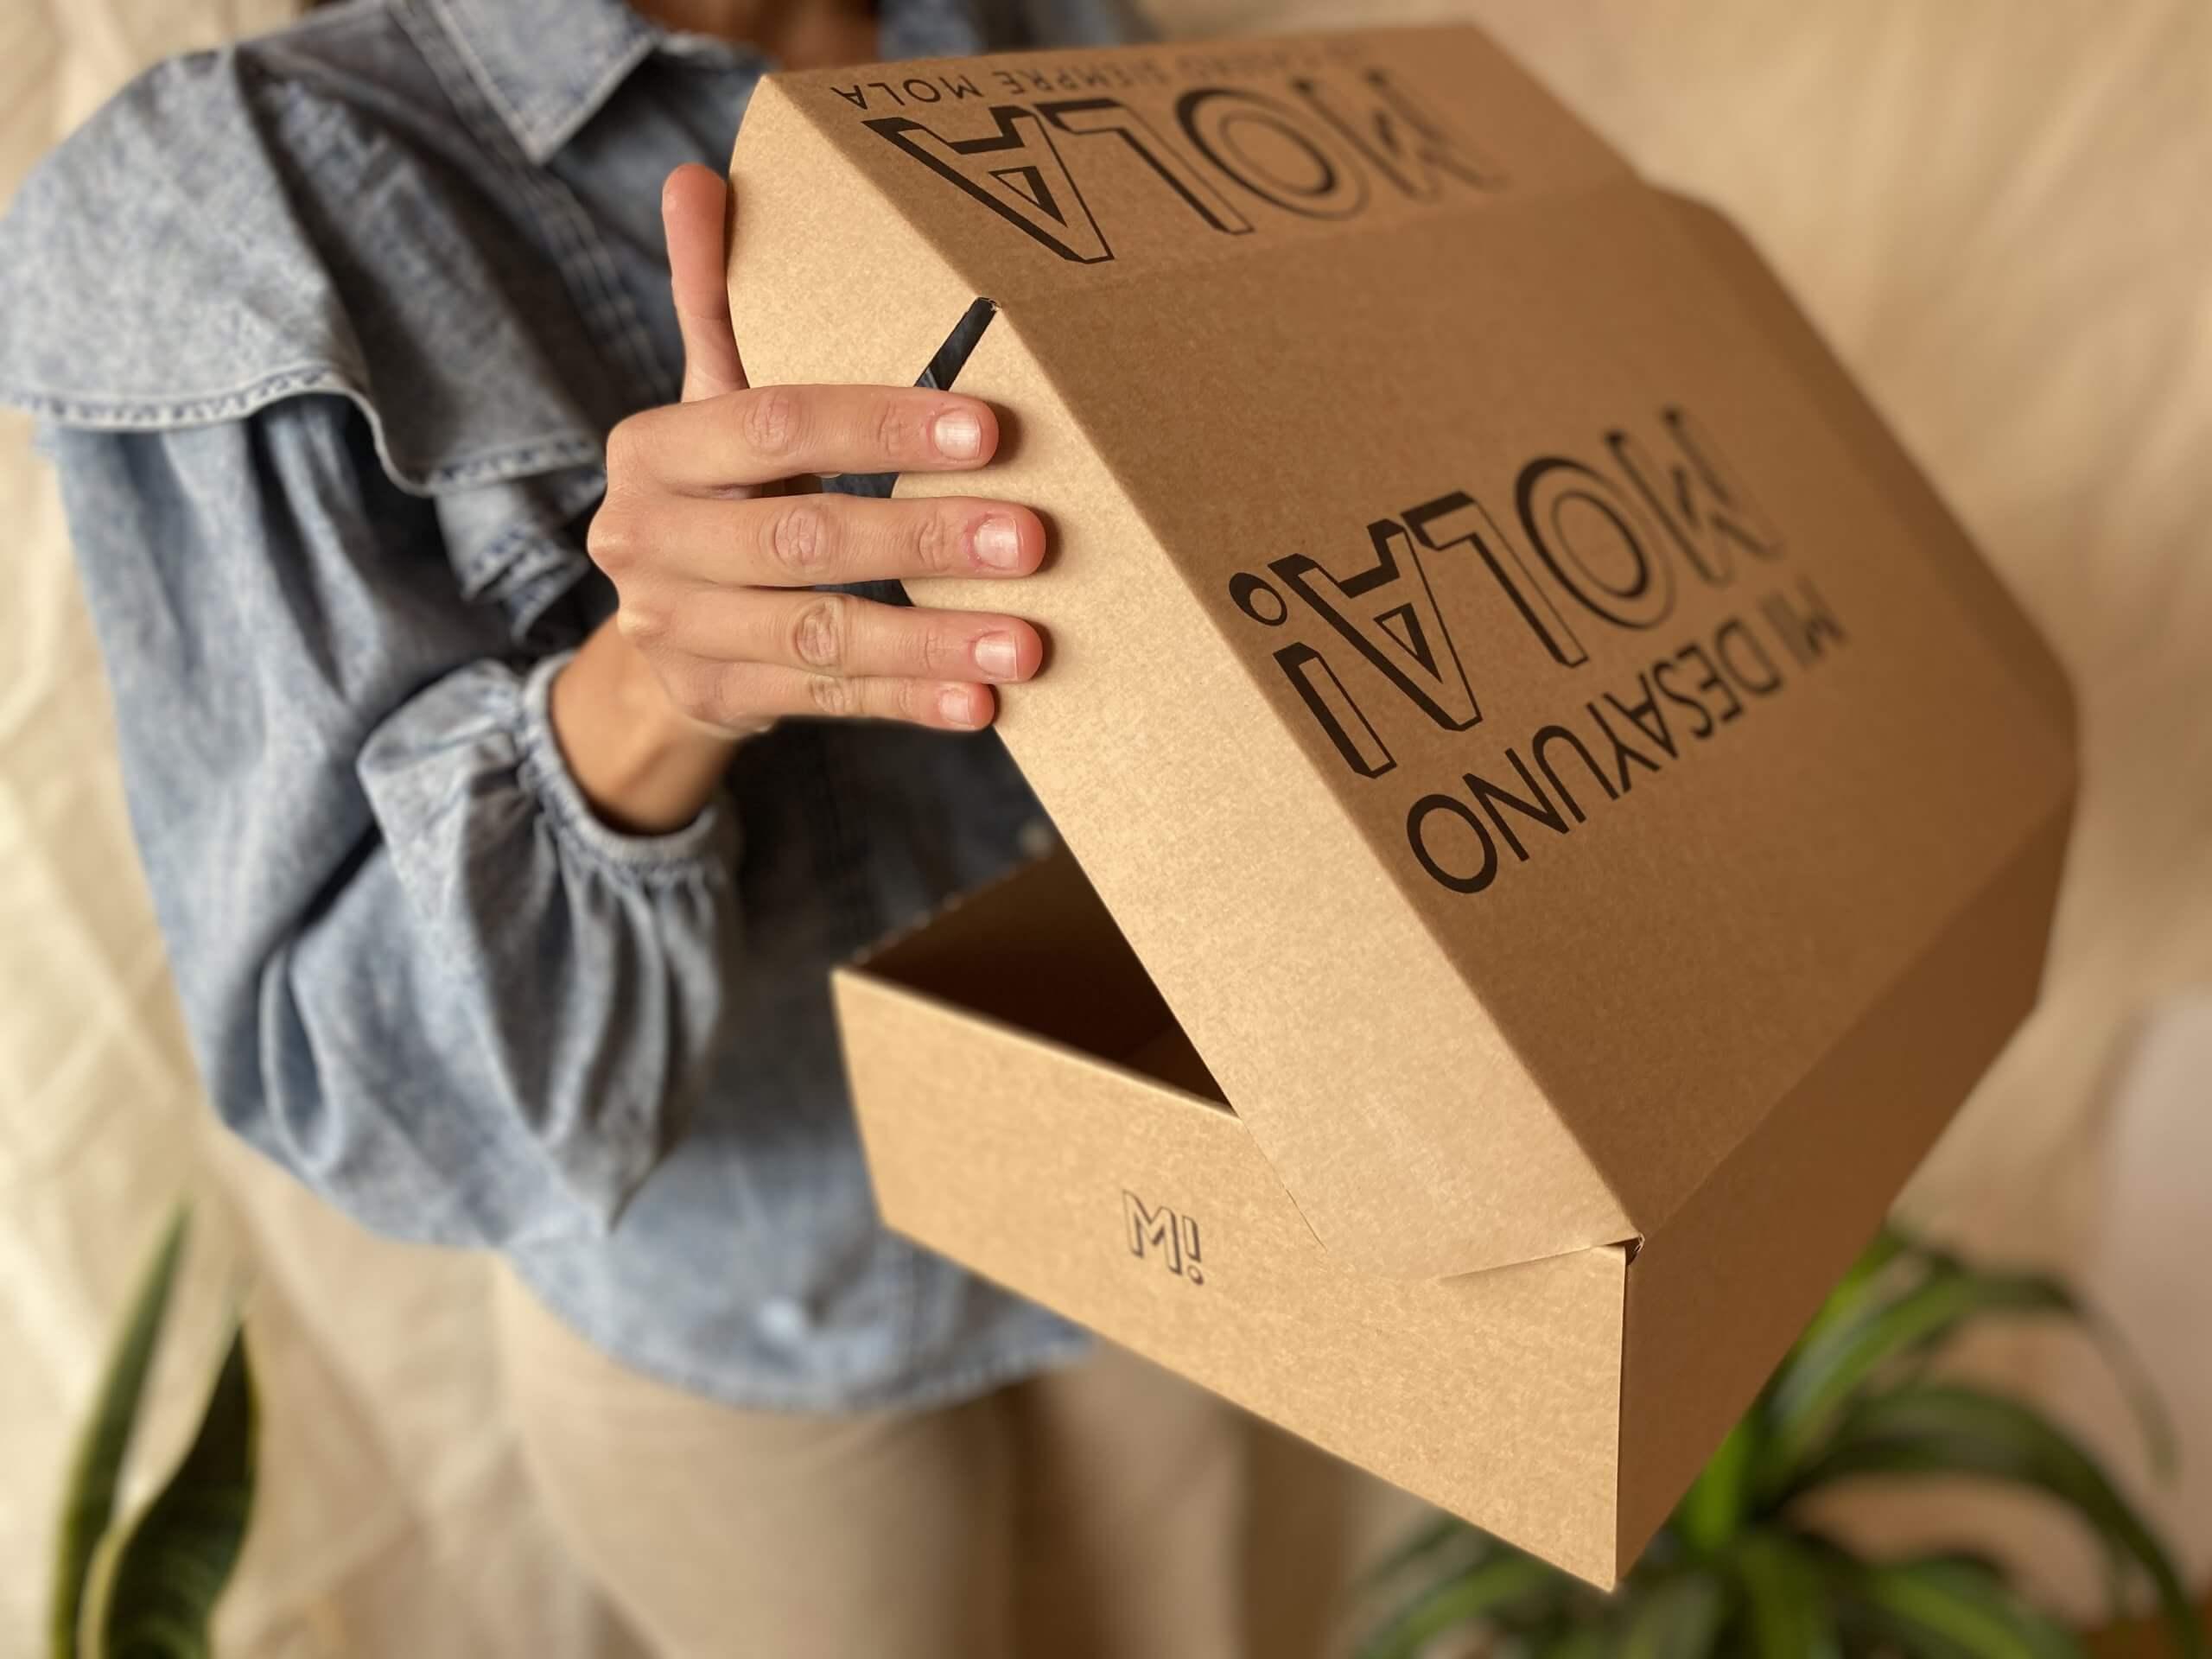 Una chica sostiene una caja de Mi Desayuno Mola